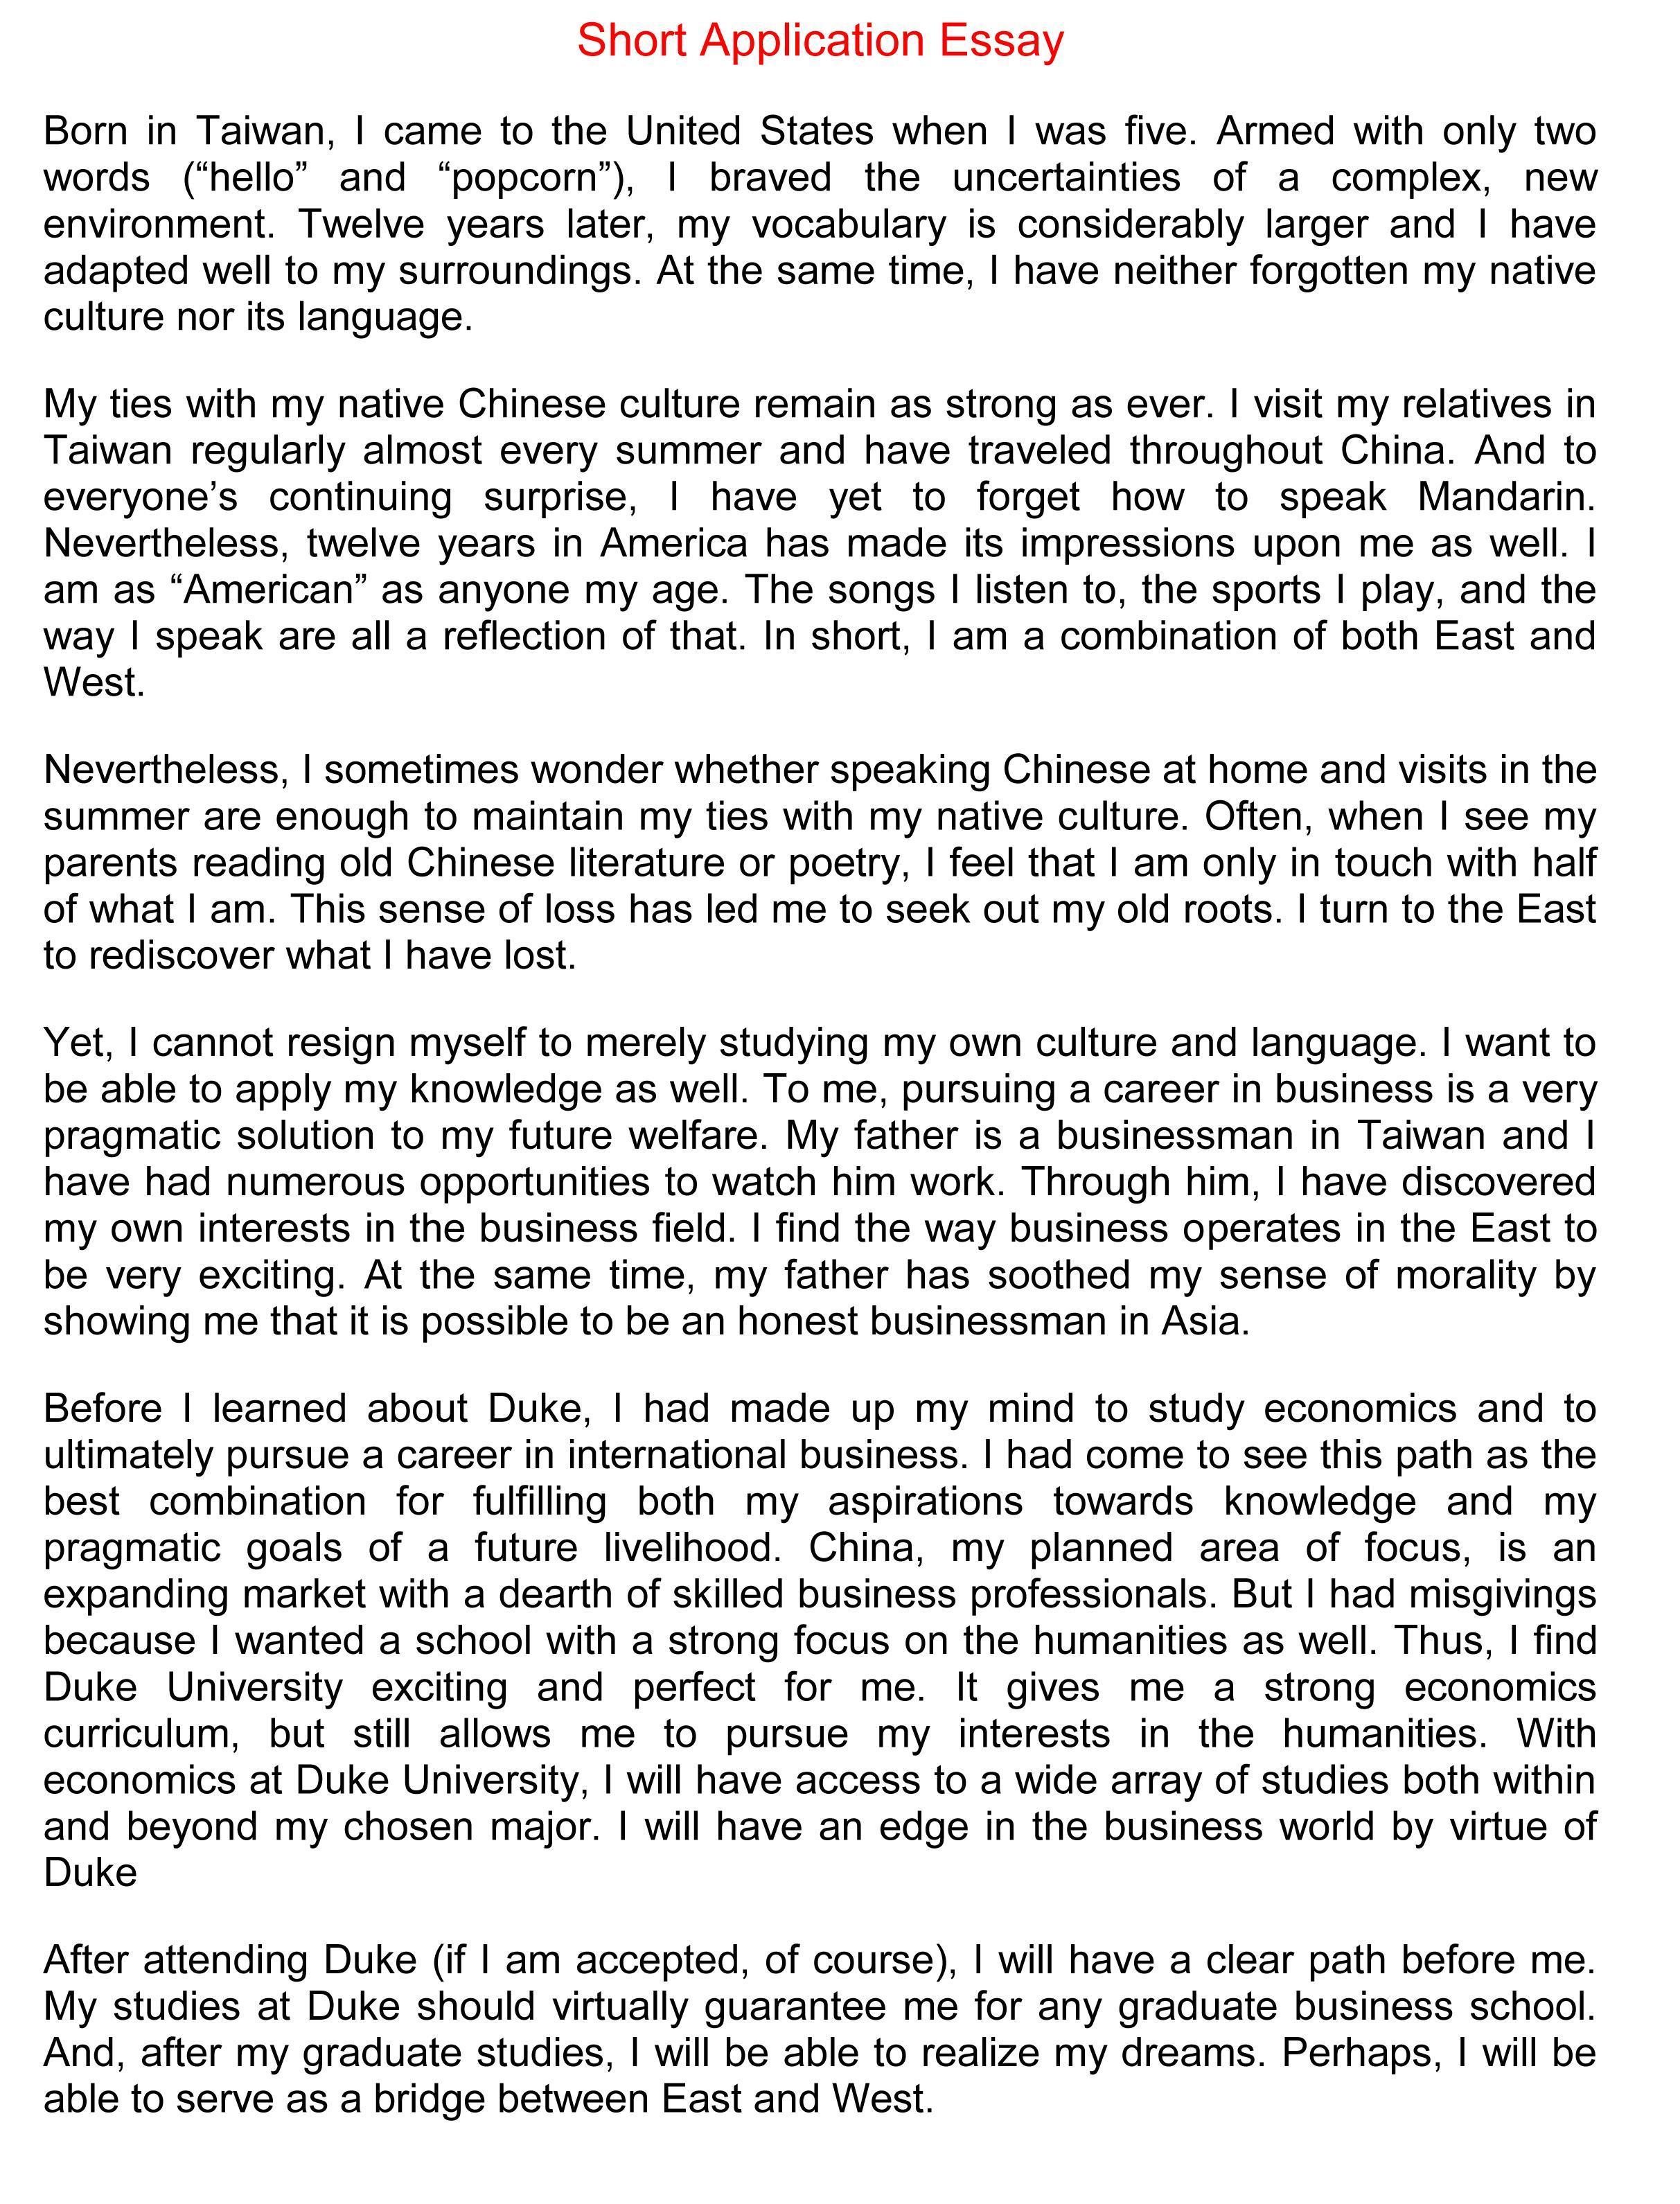 022 Short Essay Example Duke Fearsome Supplement Collegevine Supplemental Reddit Full